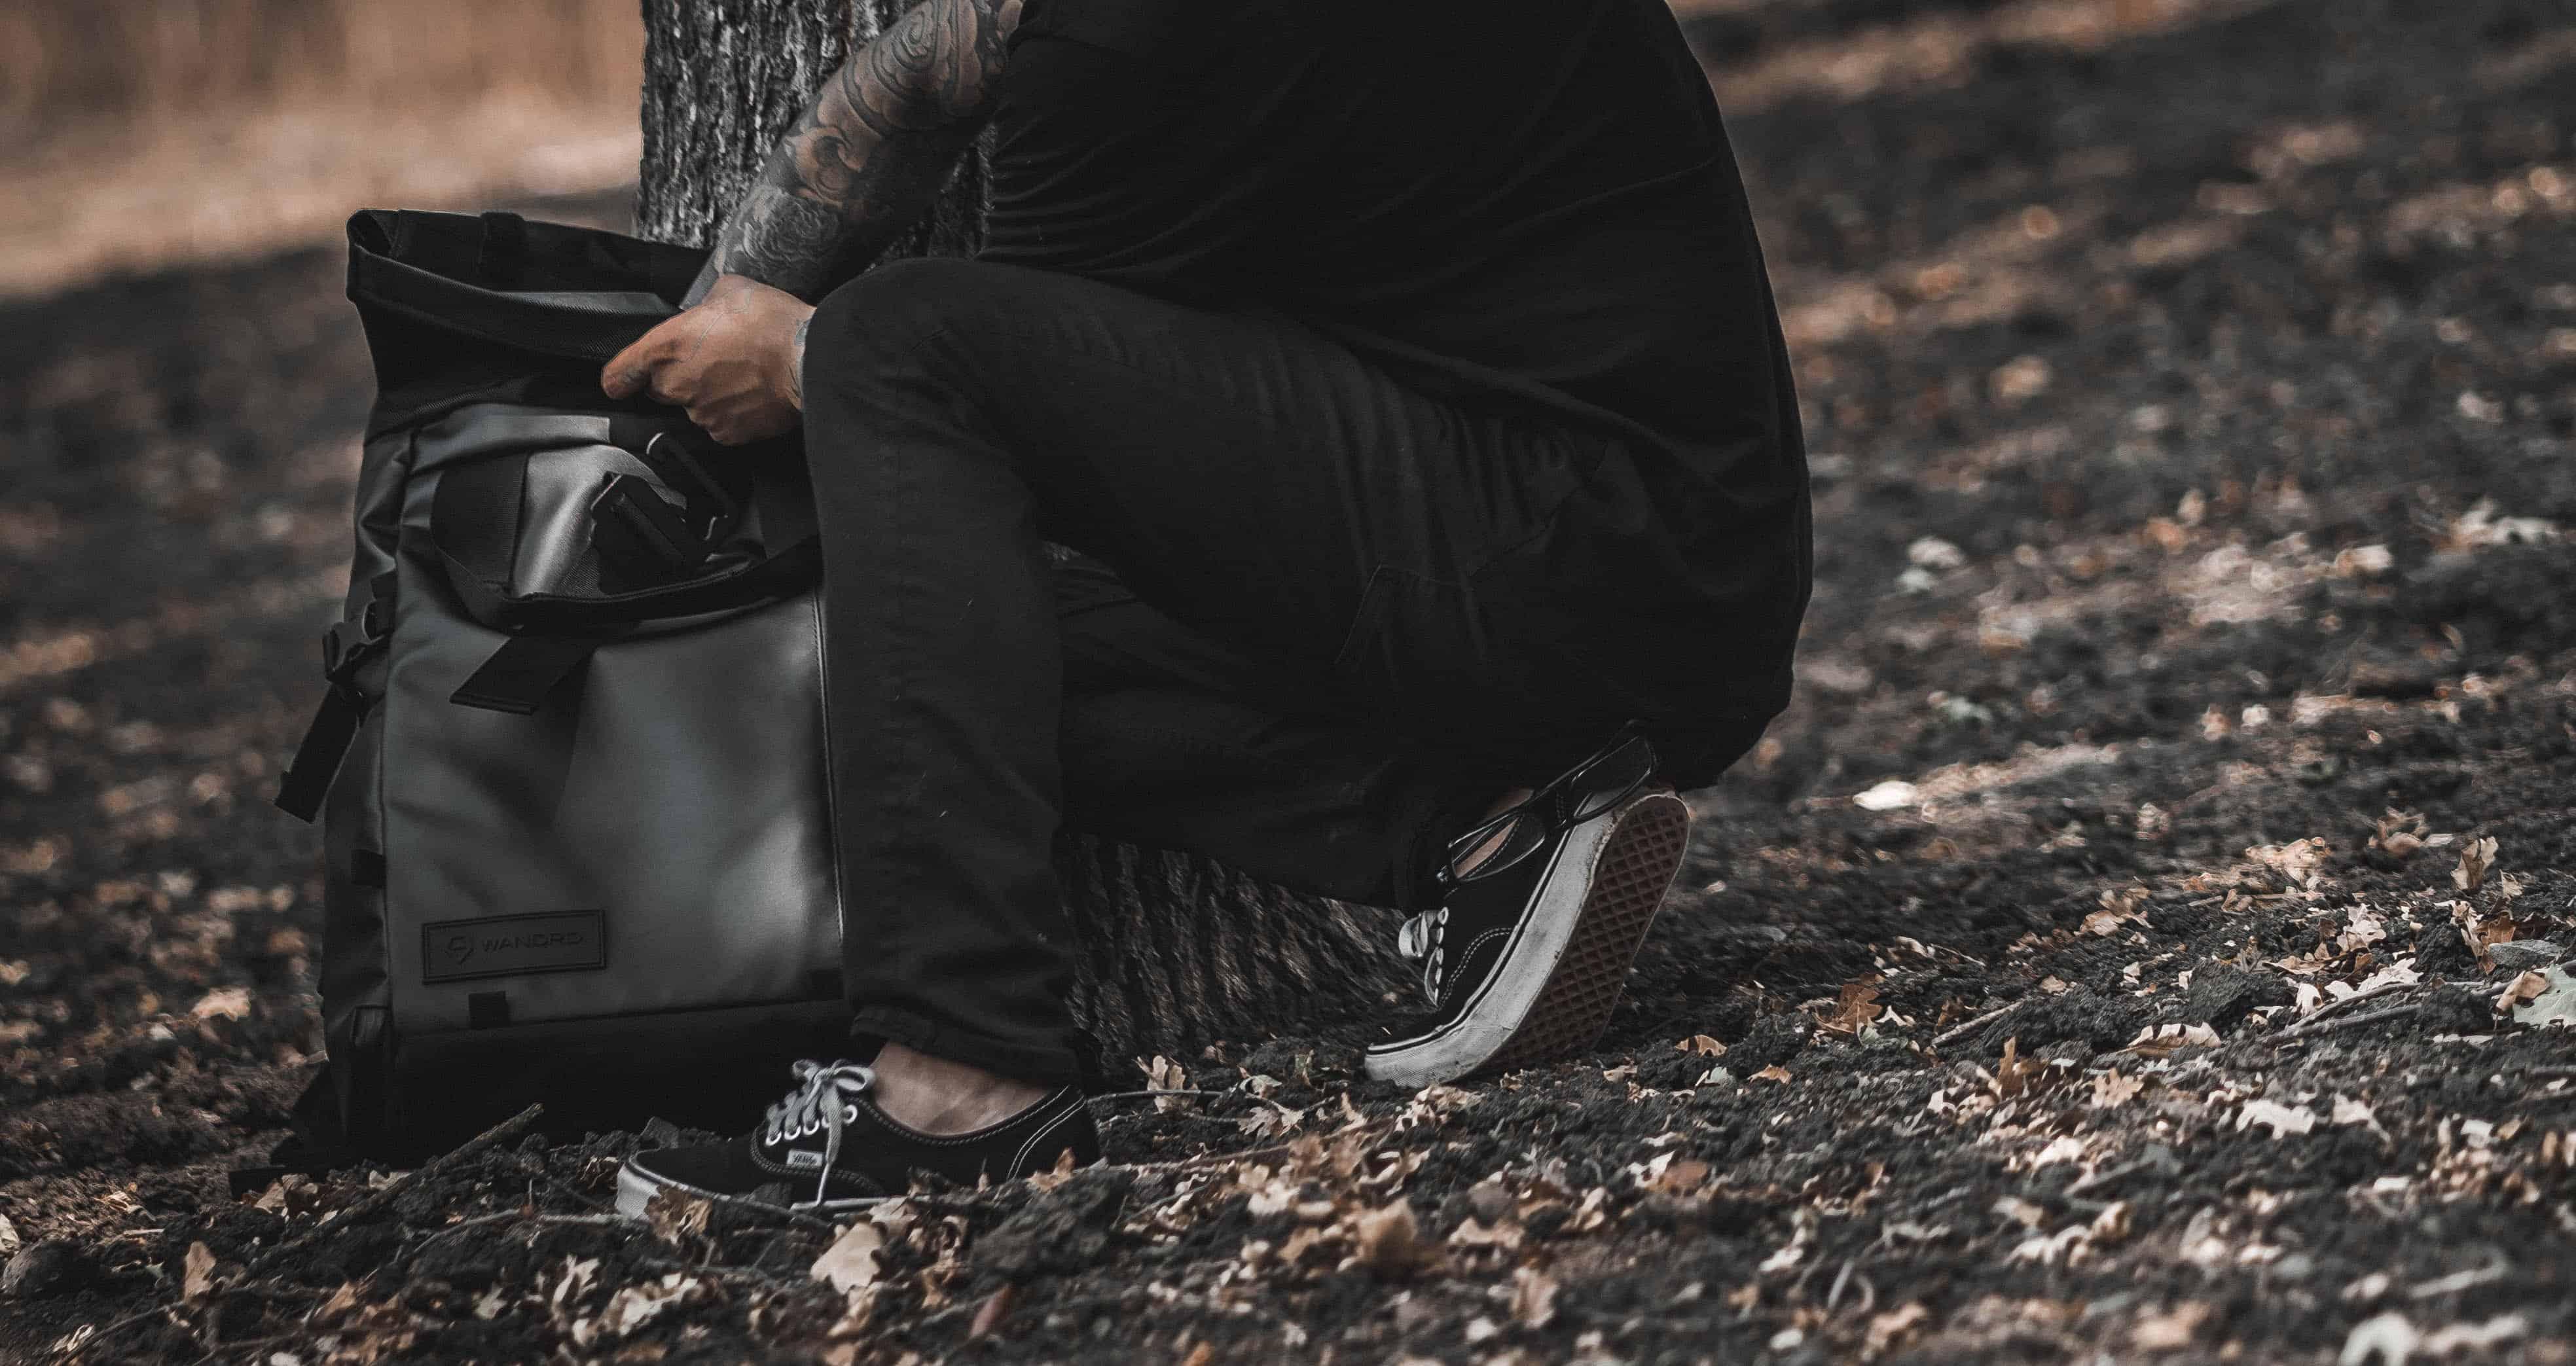 e99460951391e Die Rollenreisetasche vereint die Vorteile des Koffers mit denen der  Reisetasche. (Foto  unsplash.com   Brian Brxtn)